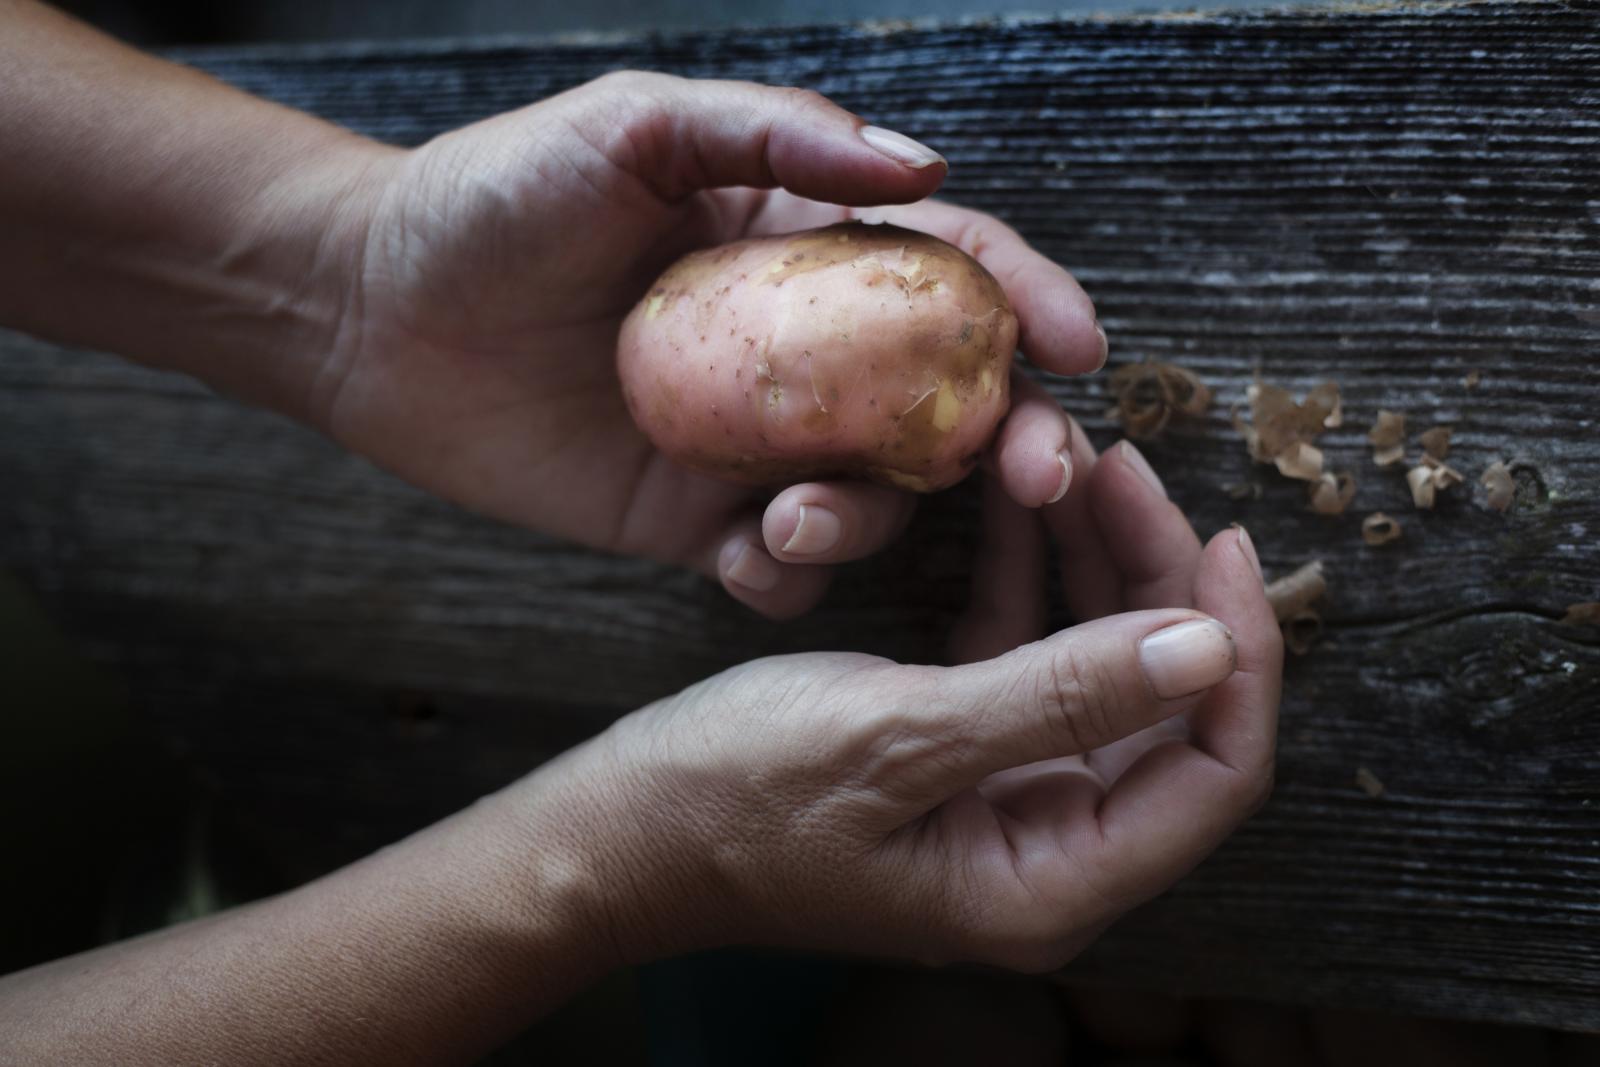 Samo oni koji su u rukama držali plod svog truda znaju koliko je to dobar osjećaj..,